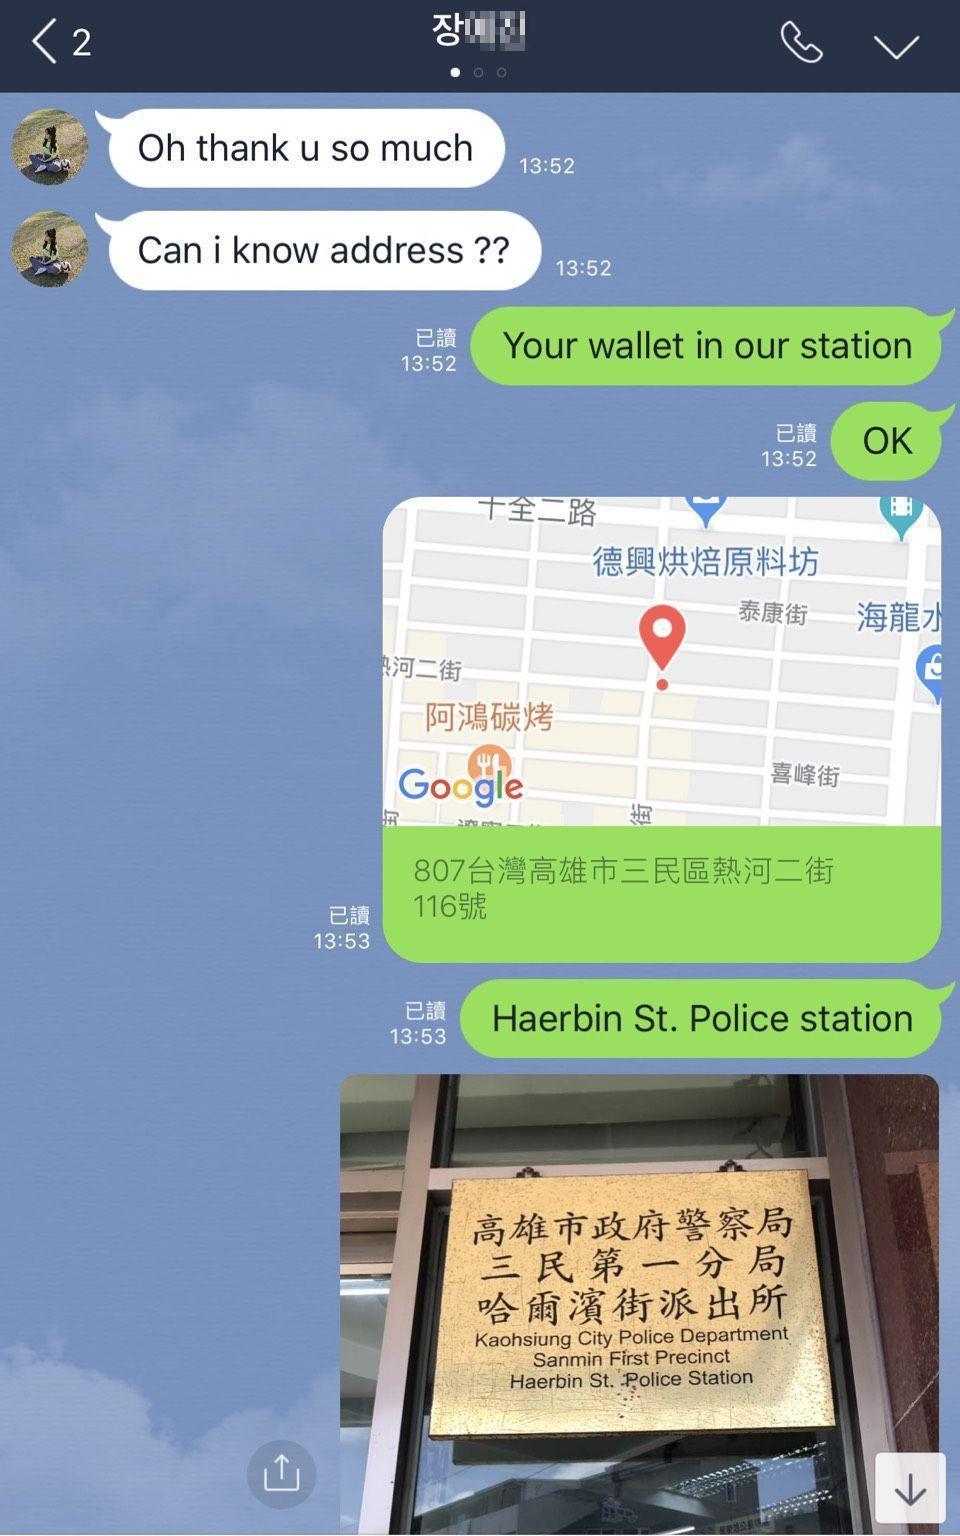 警方以英文傳簡給韓籍女生,才將皮夾物歸原主。記者林保光/翻攝